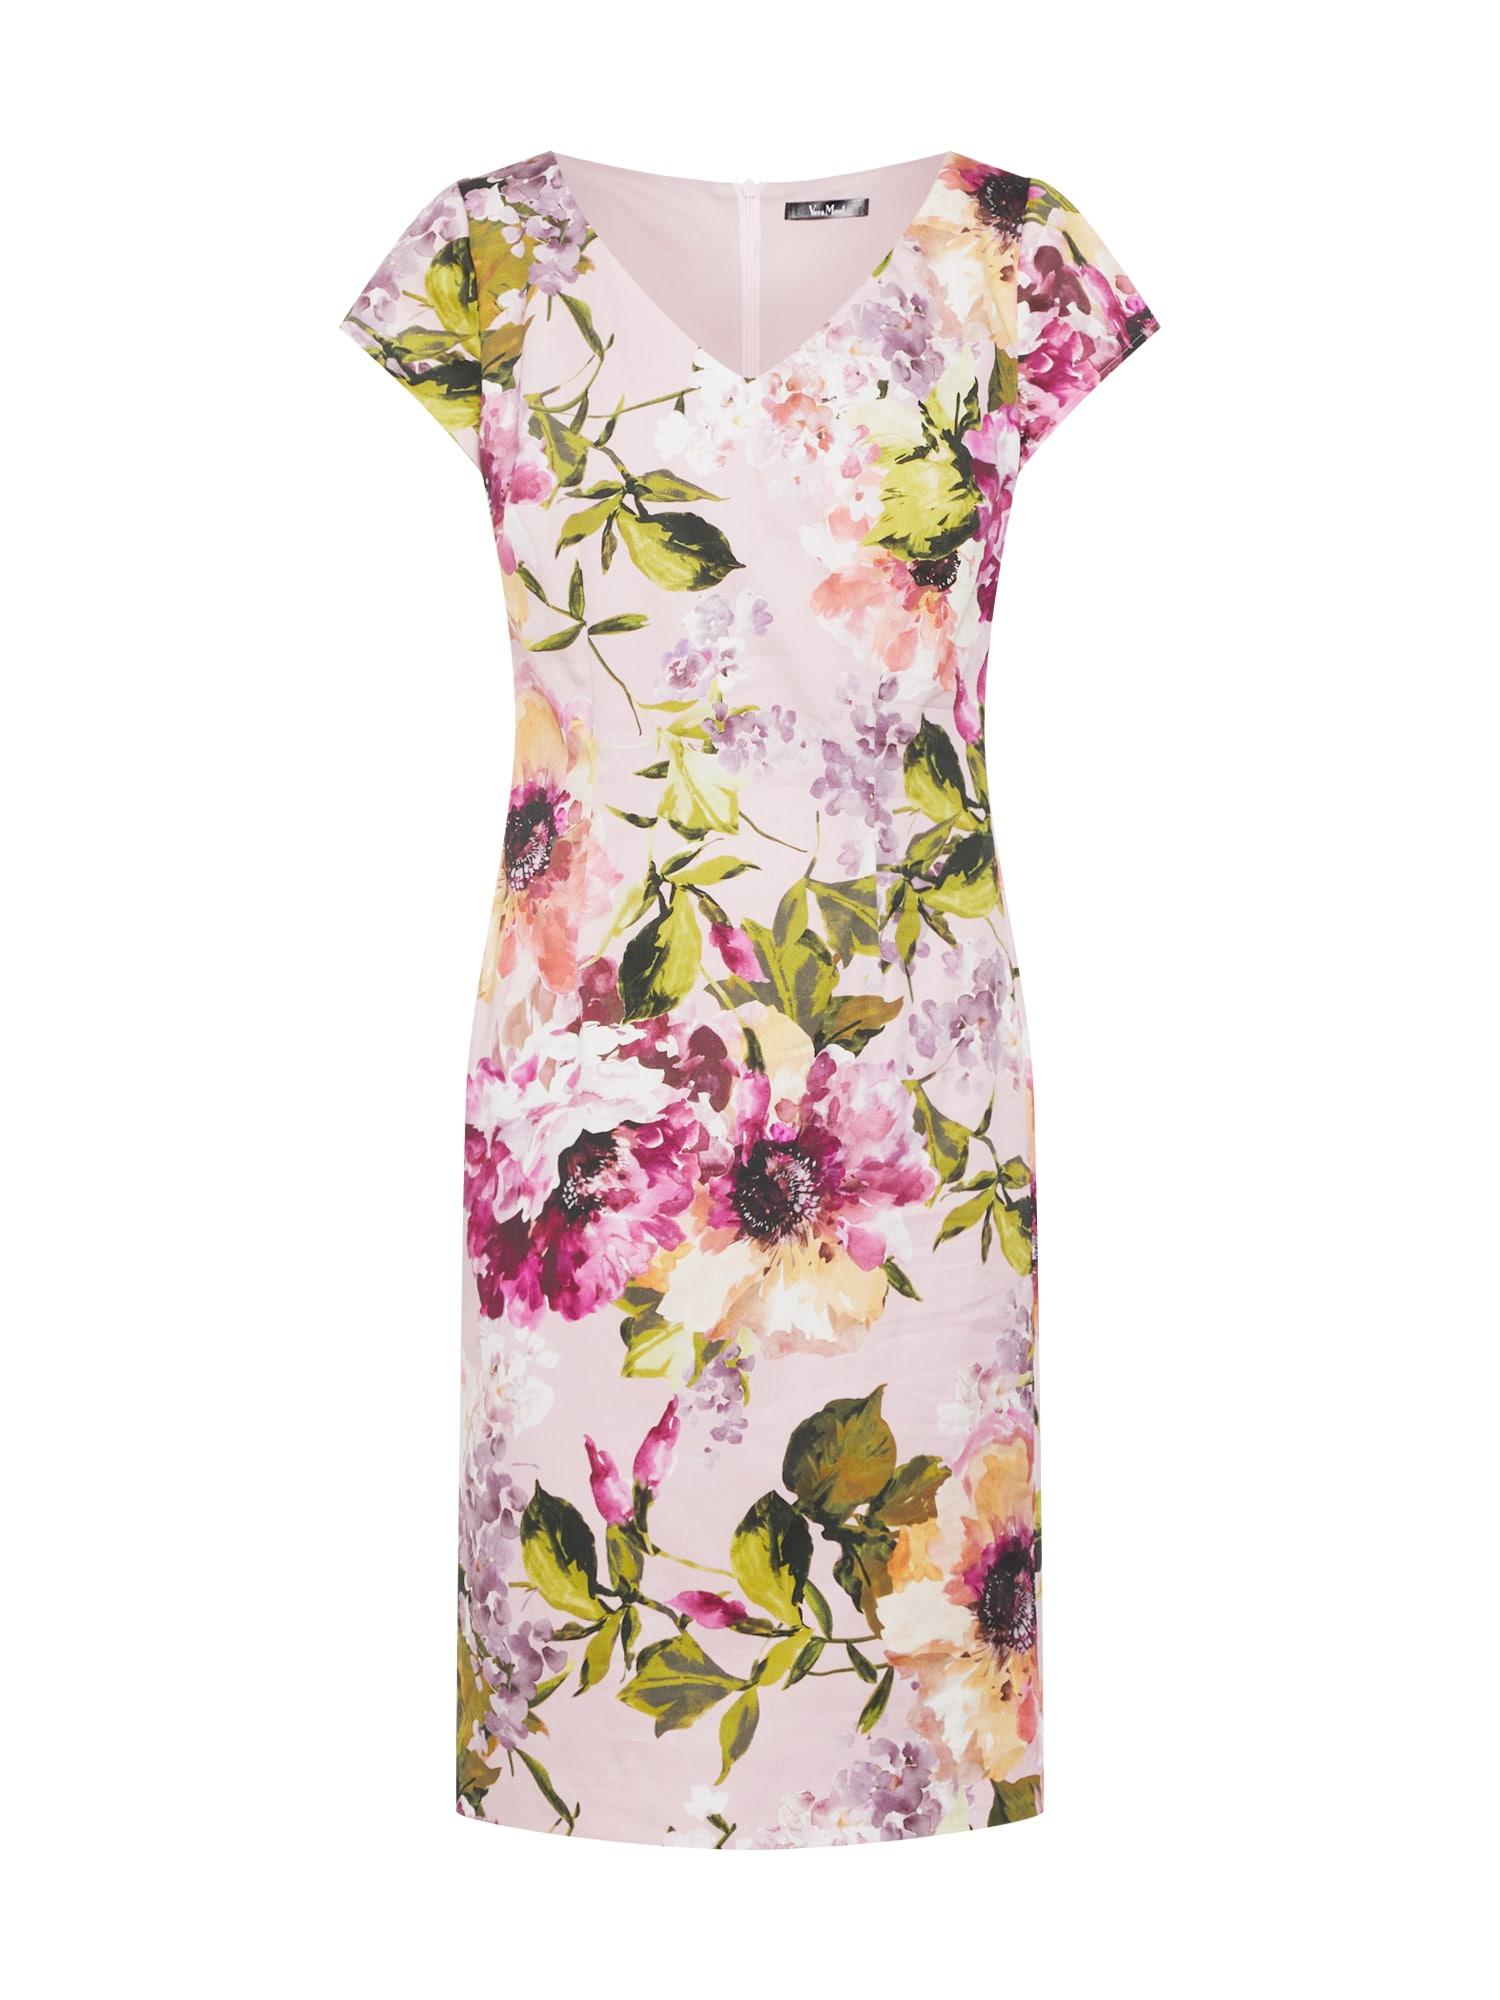 Pouzdrové šaty mix barev růže Vera Mont